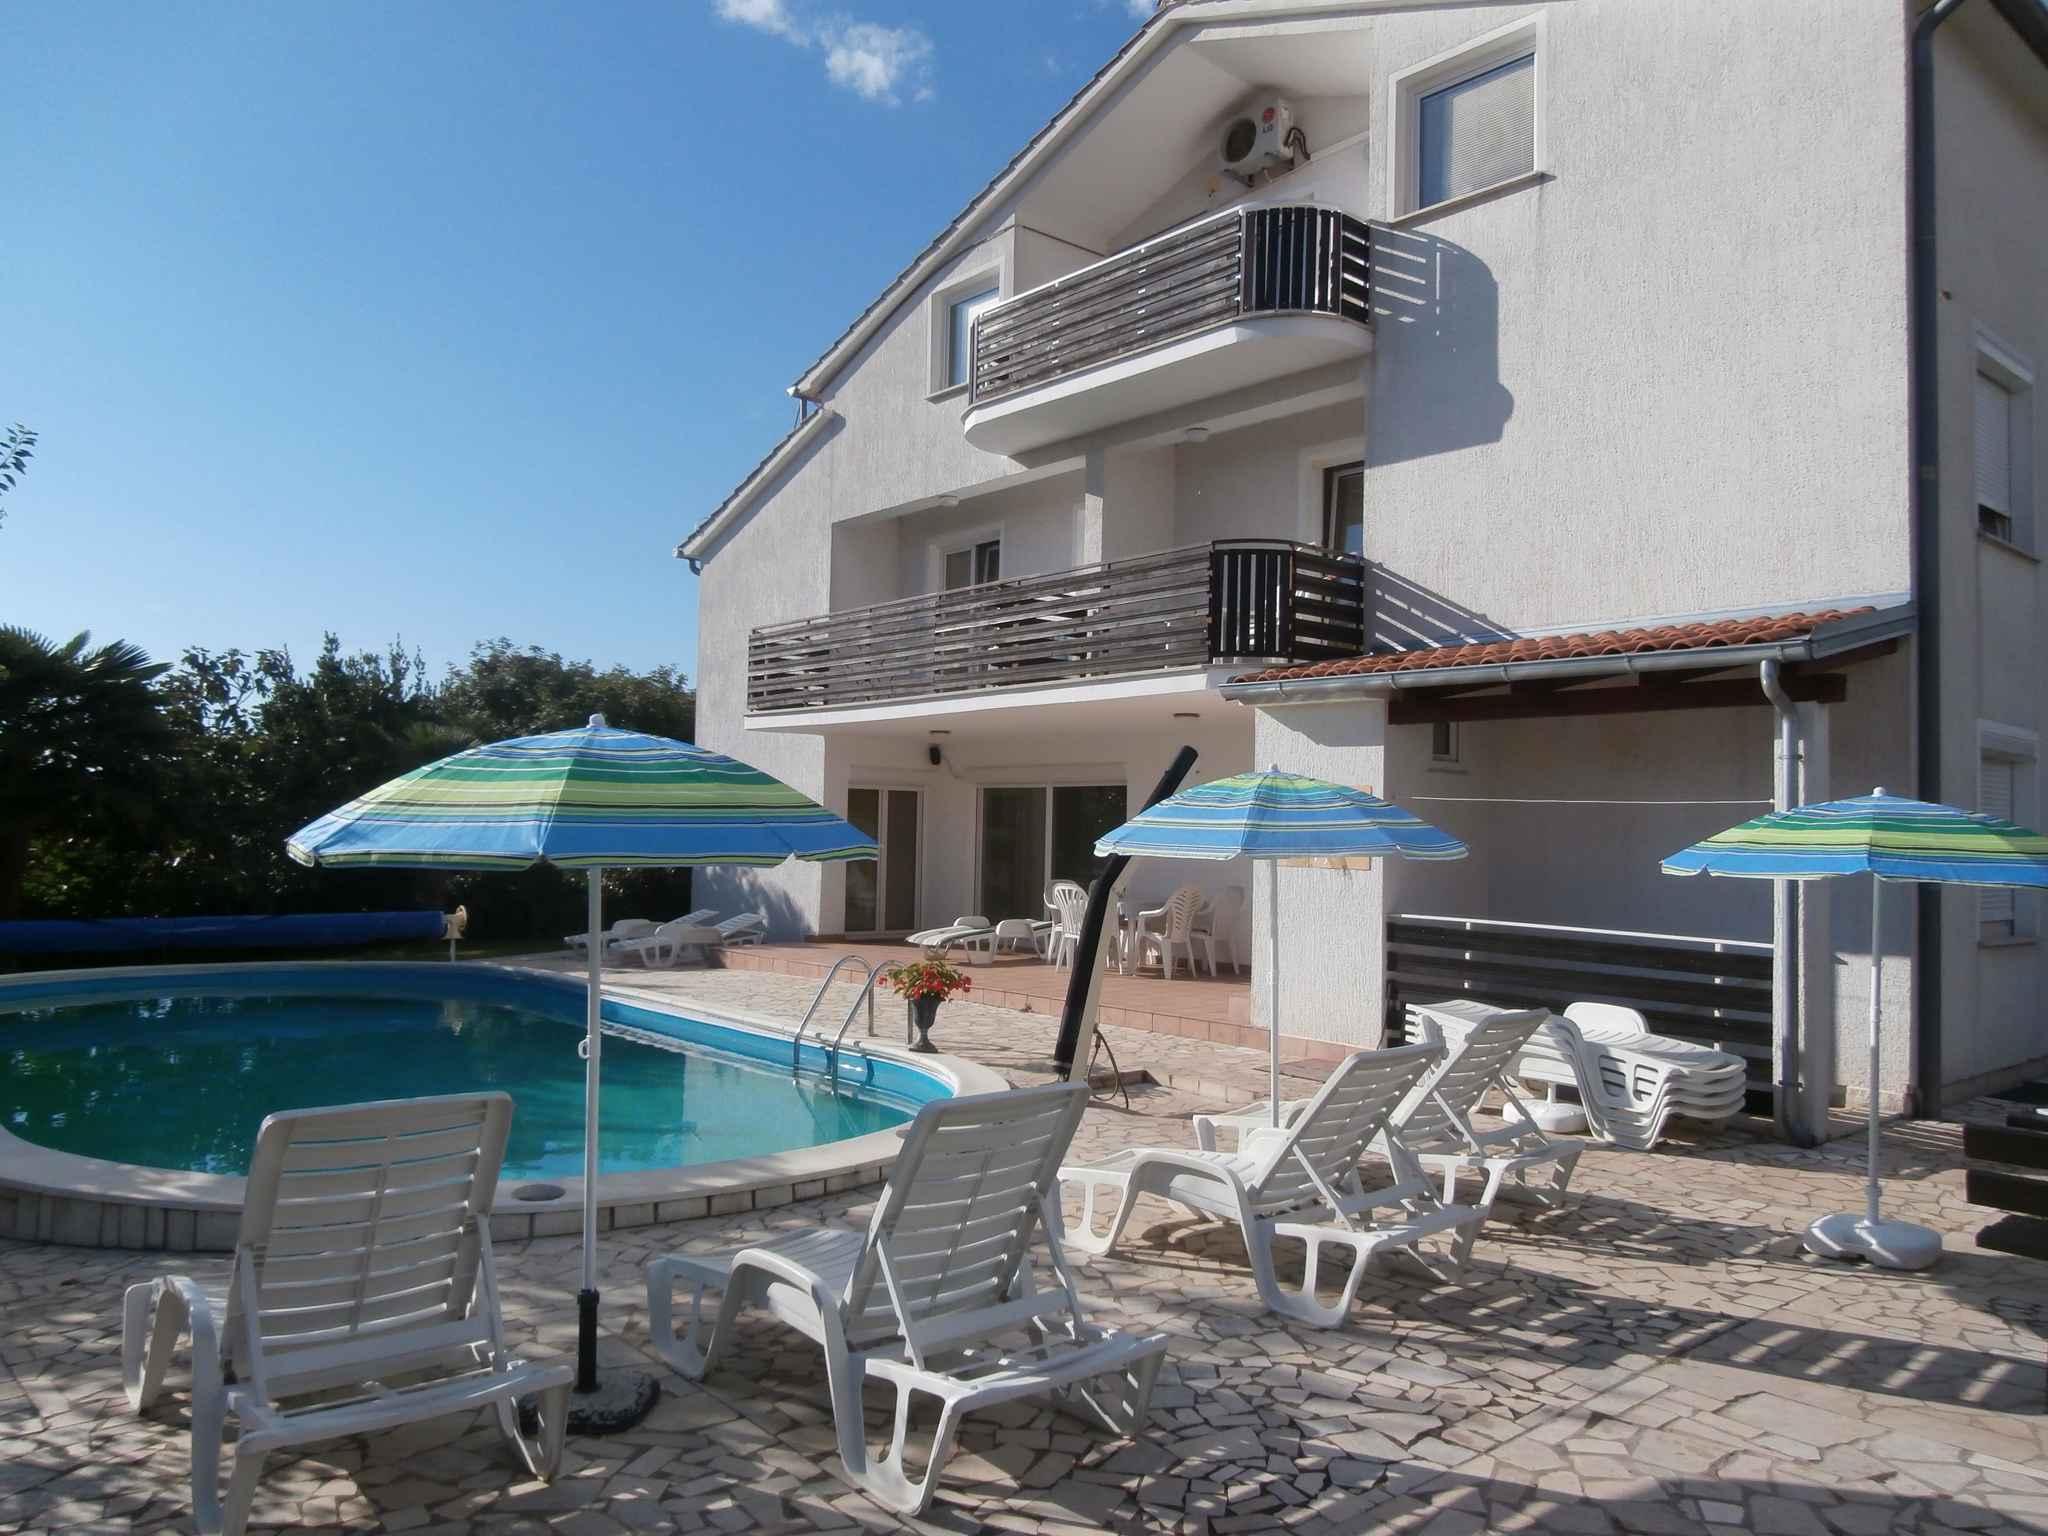 Ferienwohnung mit Pool (280350), Porec, , Istrien, Kroatien, Bild 1